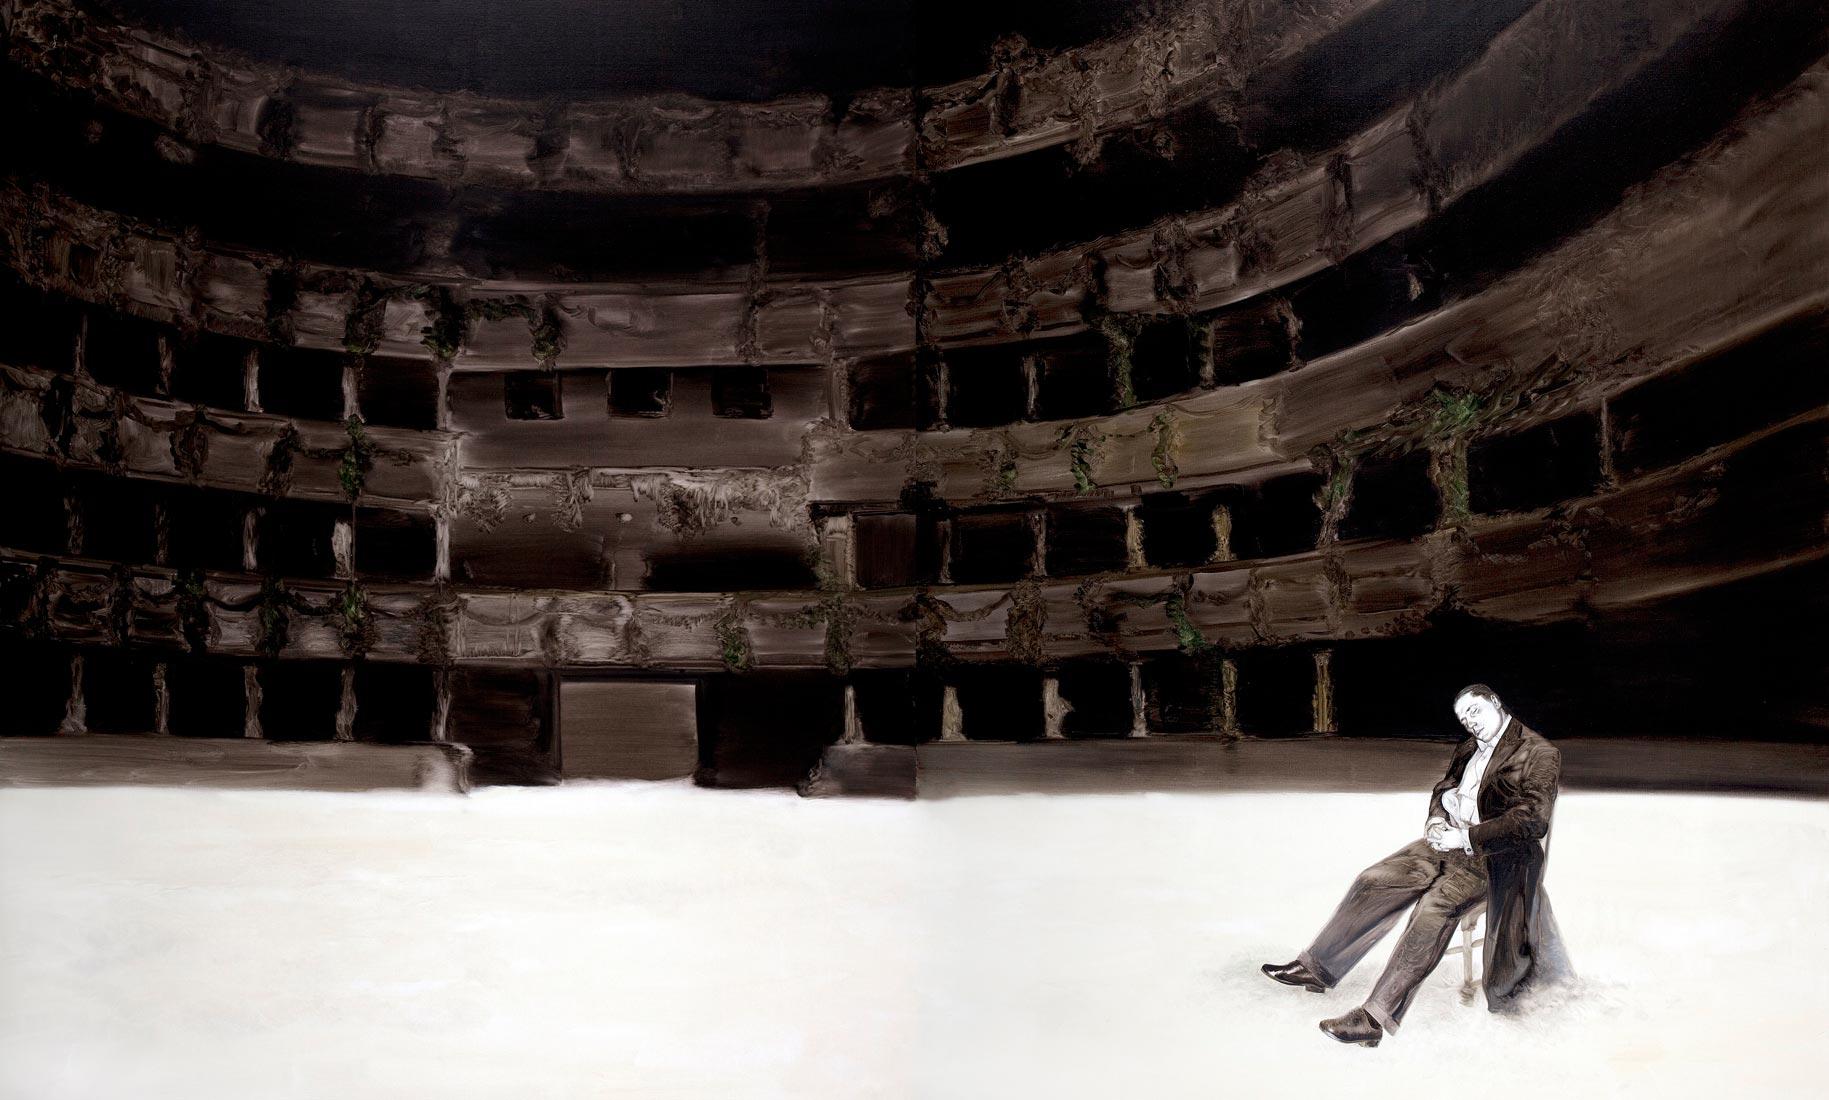 Die Oper, 2007, Bleistift & Öl auf Leinwand, 230cm x 380cm